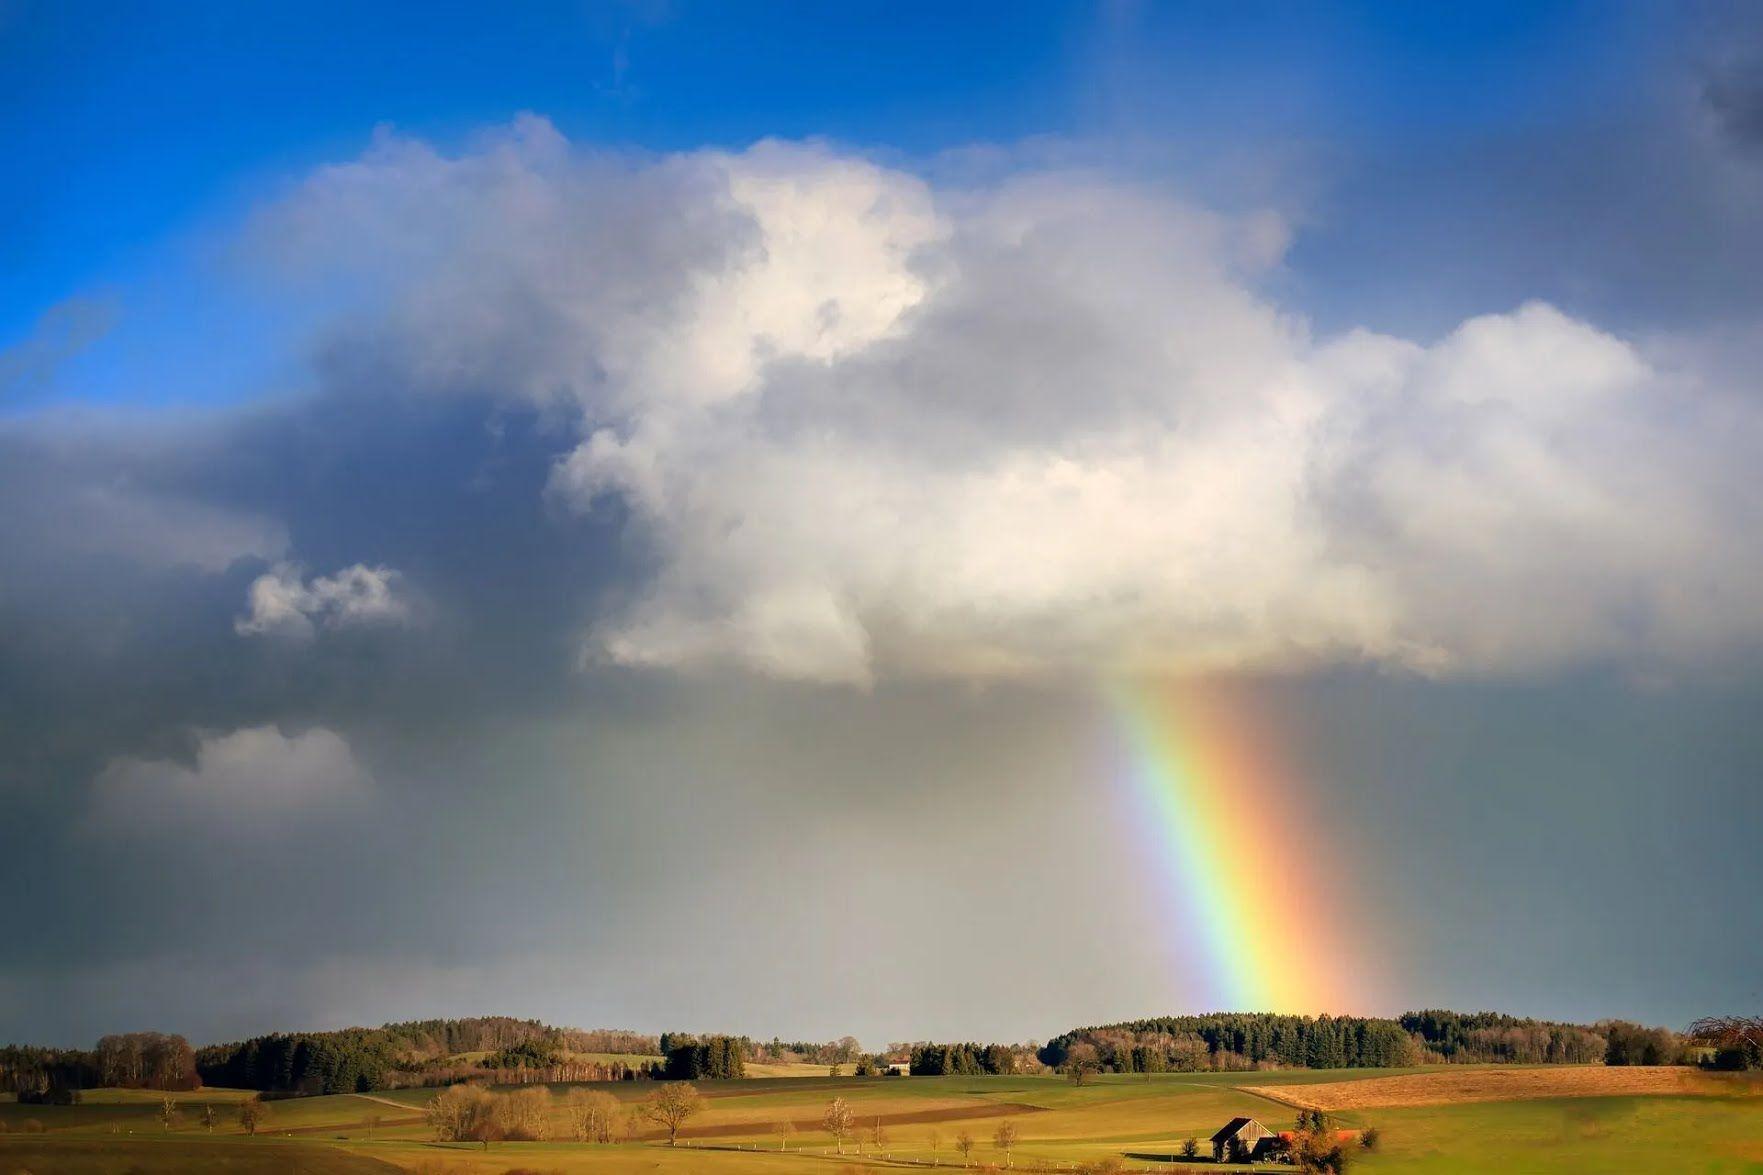 На Марію Магдалину заборонялося працювати в полі під час дощу